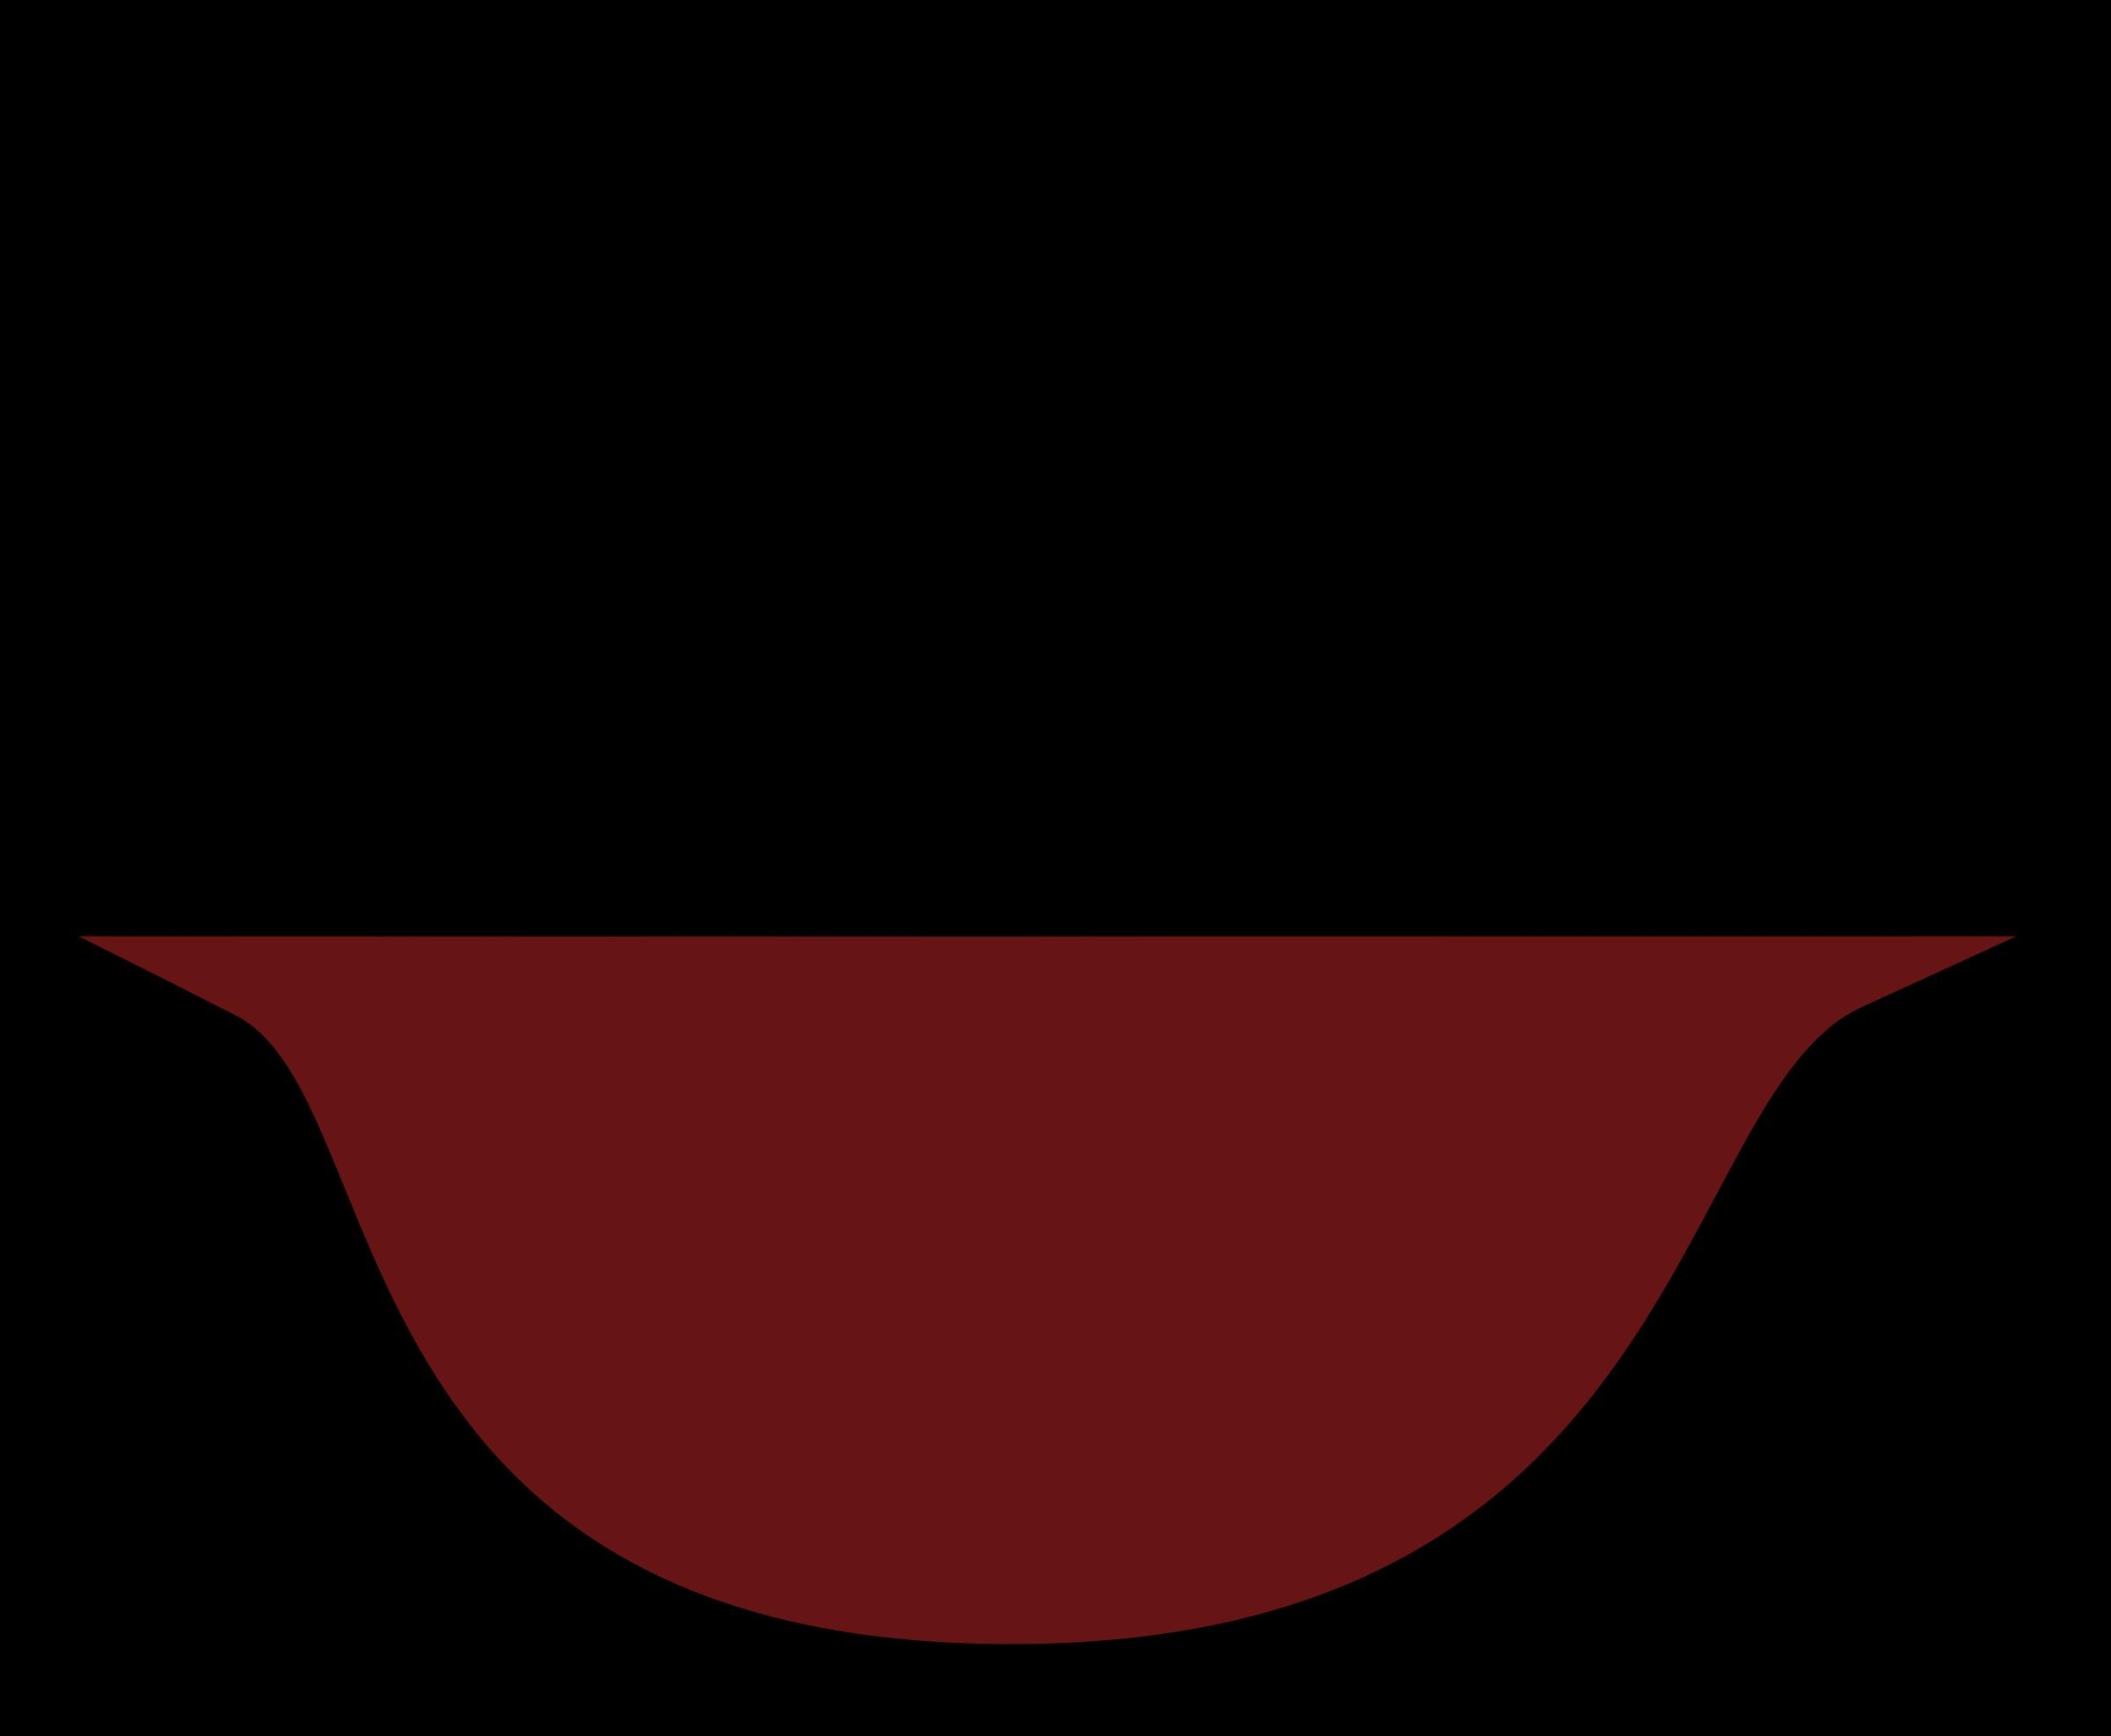 Large Soup Bowls Clip Art.